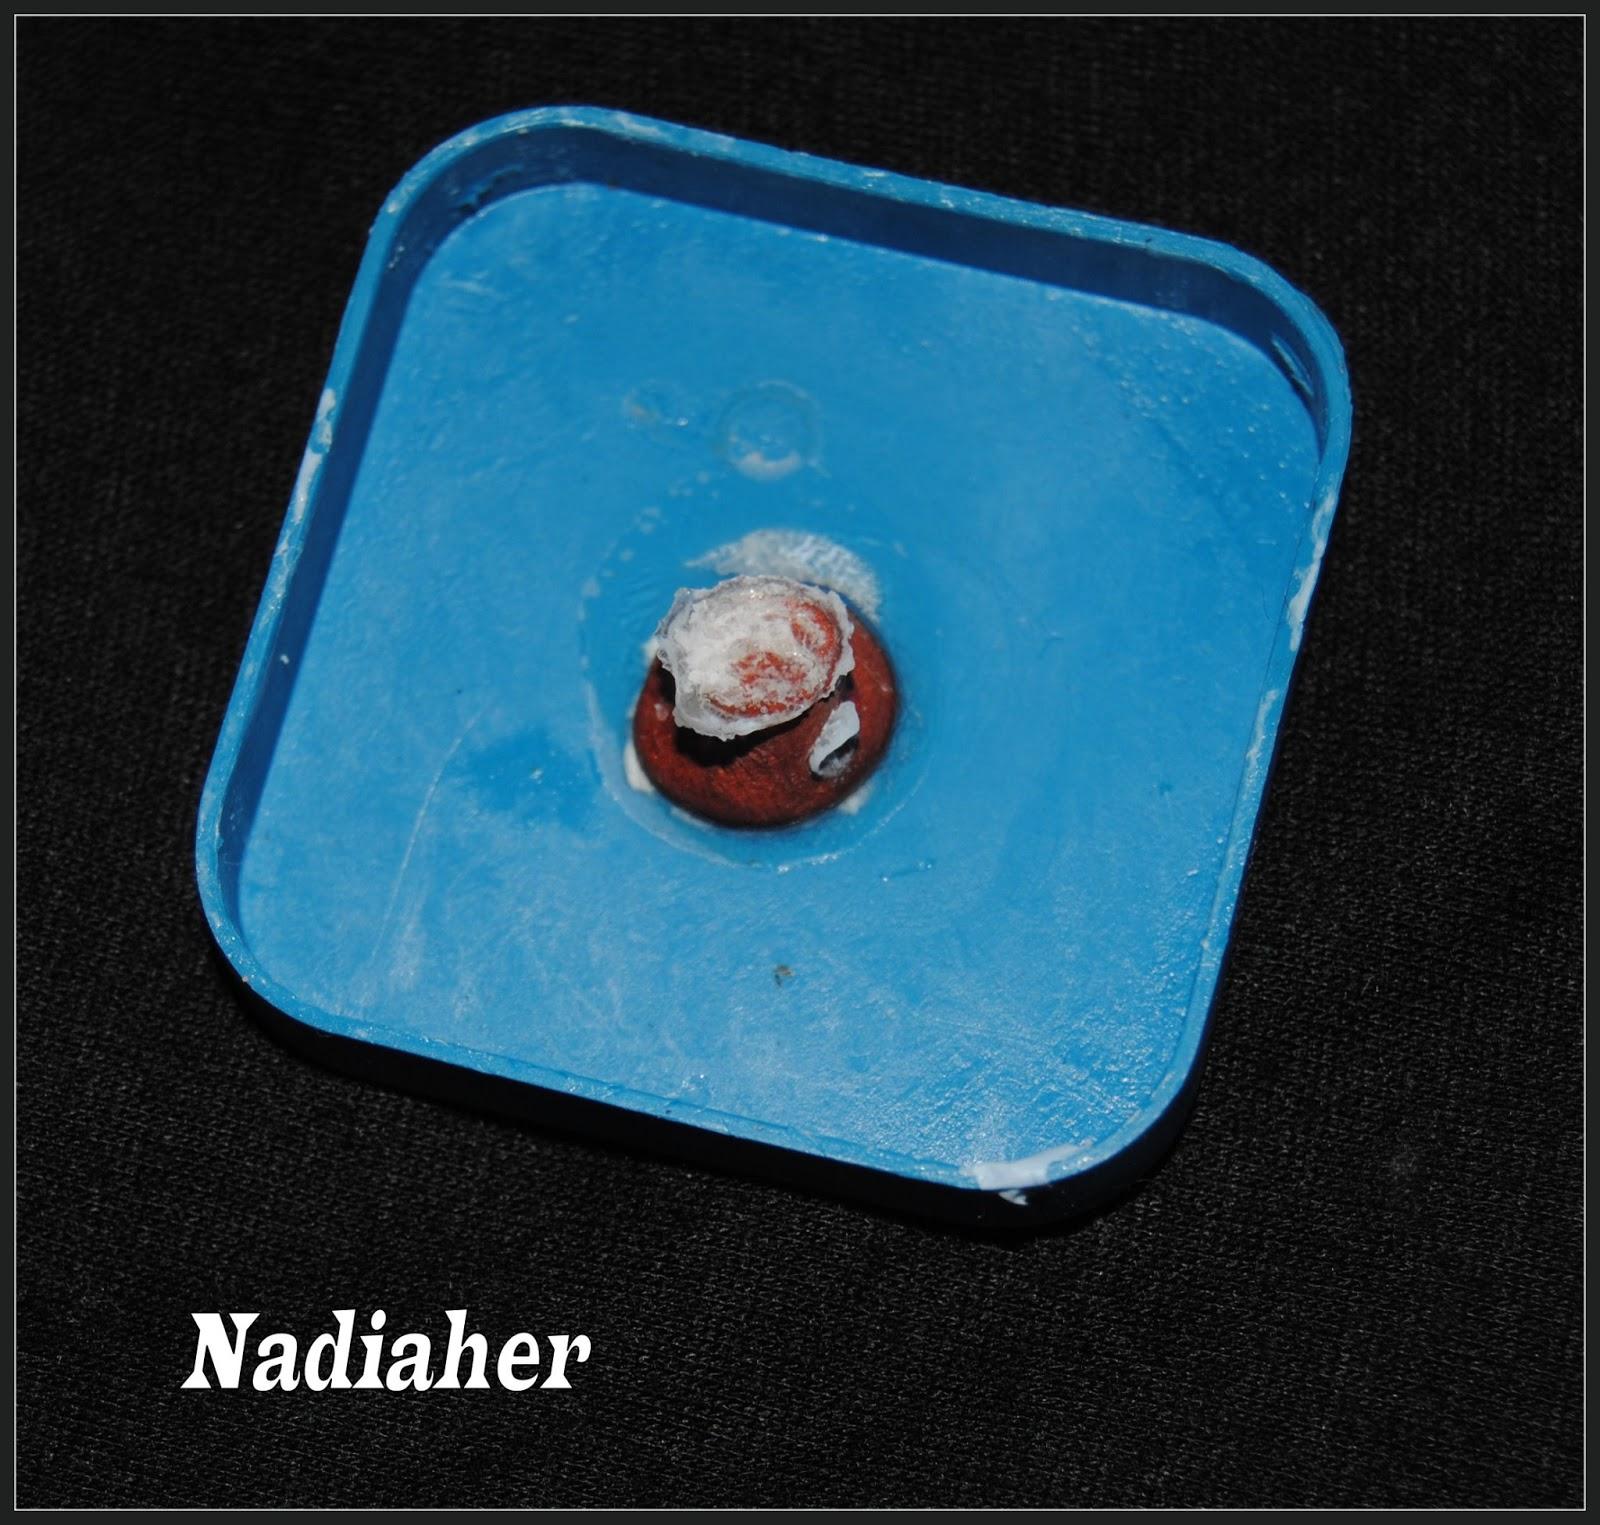 les bijoux de nadia comment r aliser un moule sph re en silicon liquide. Black Bedroom Furniture Sets. Home Design Ideas